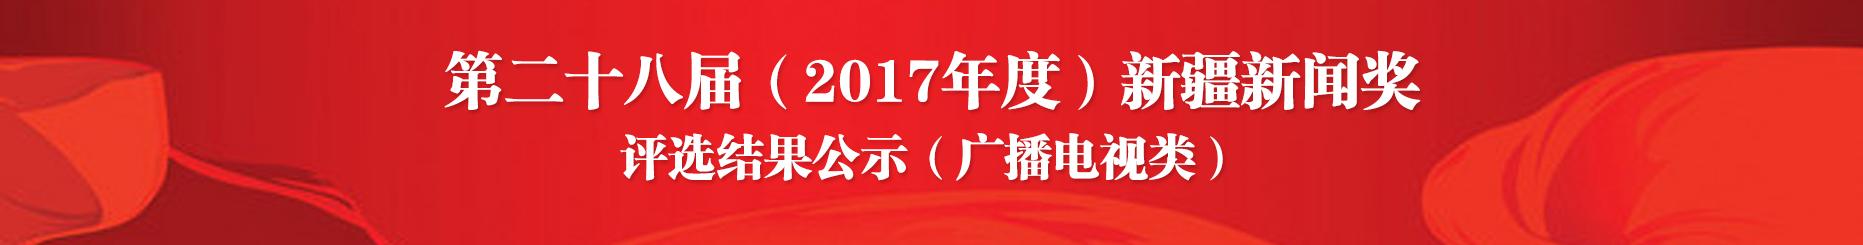 第二十八届(2017年度)新疆新闻奖评选结果公示(广播电视类)